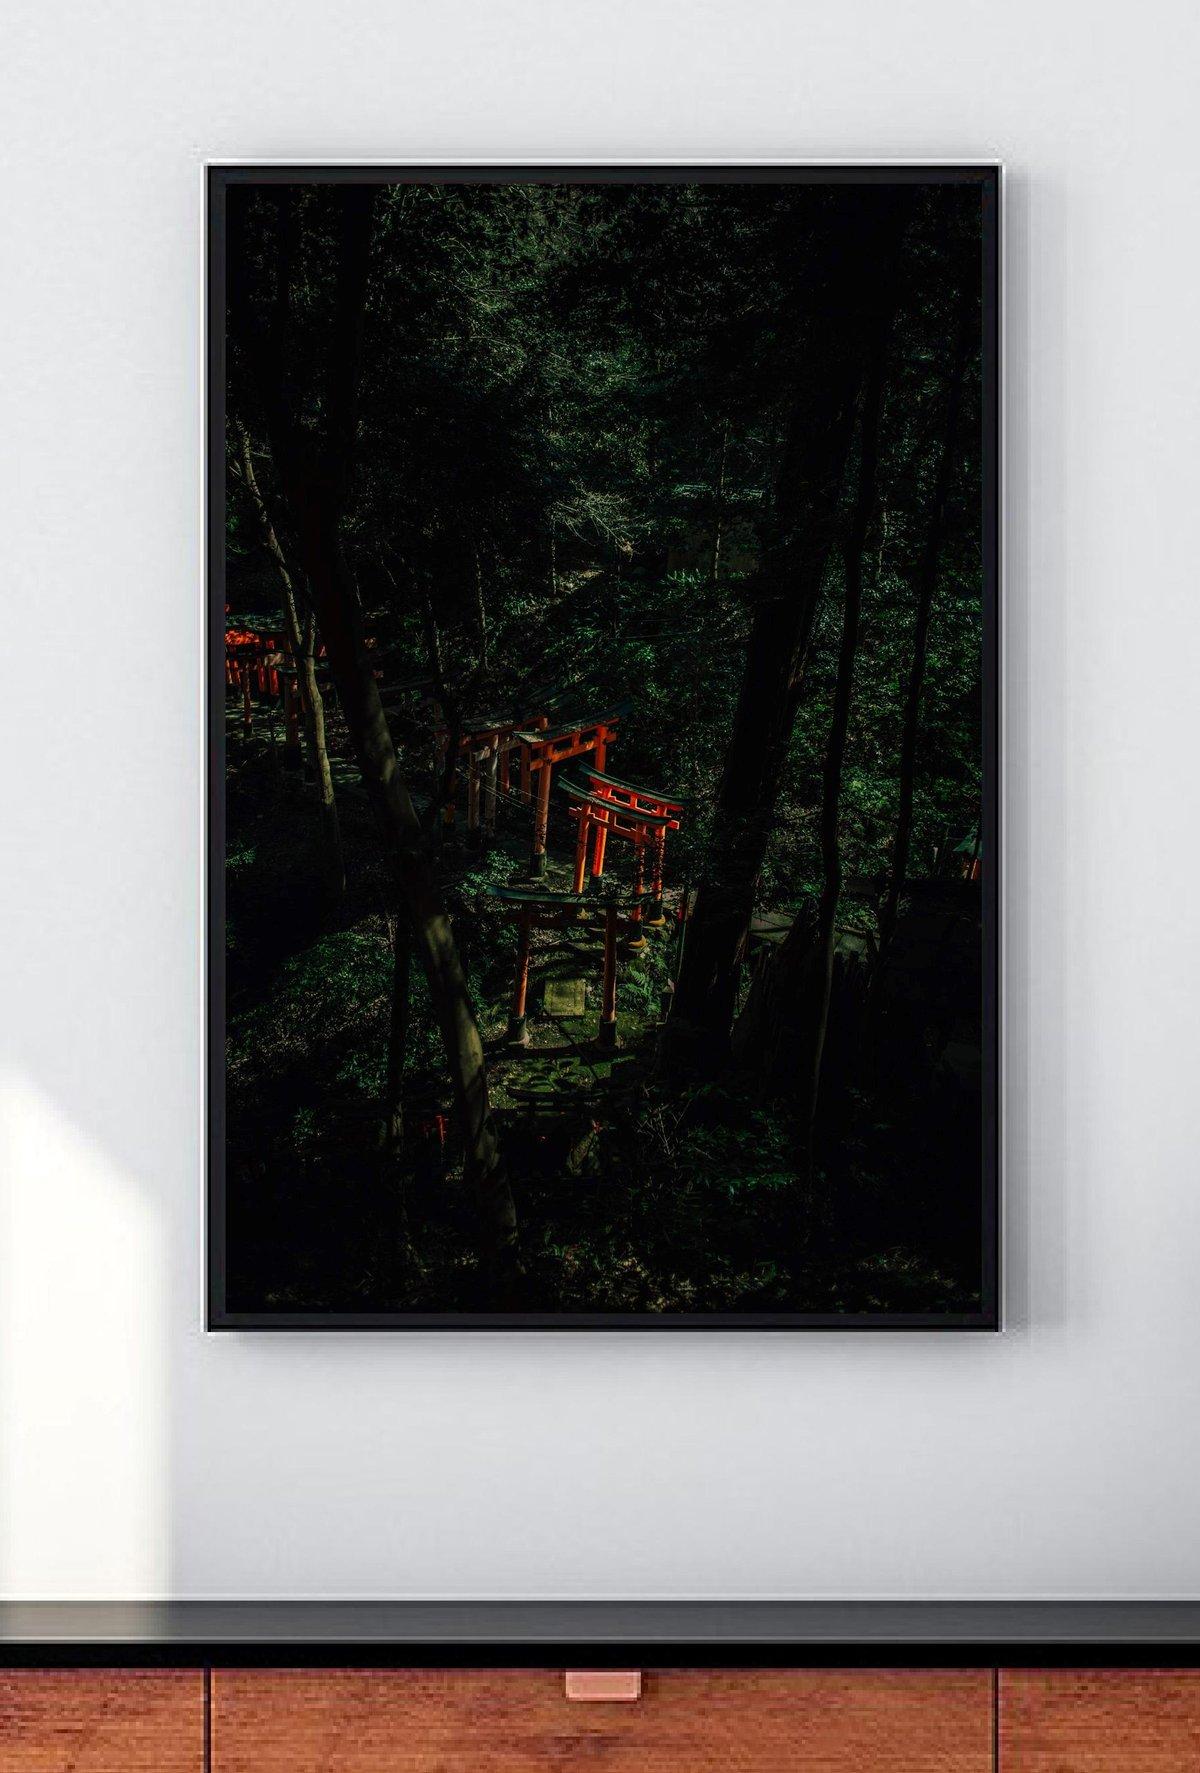 Au fond de la forêt